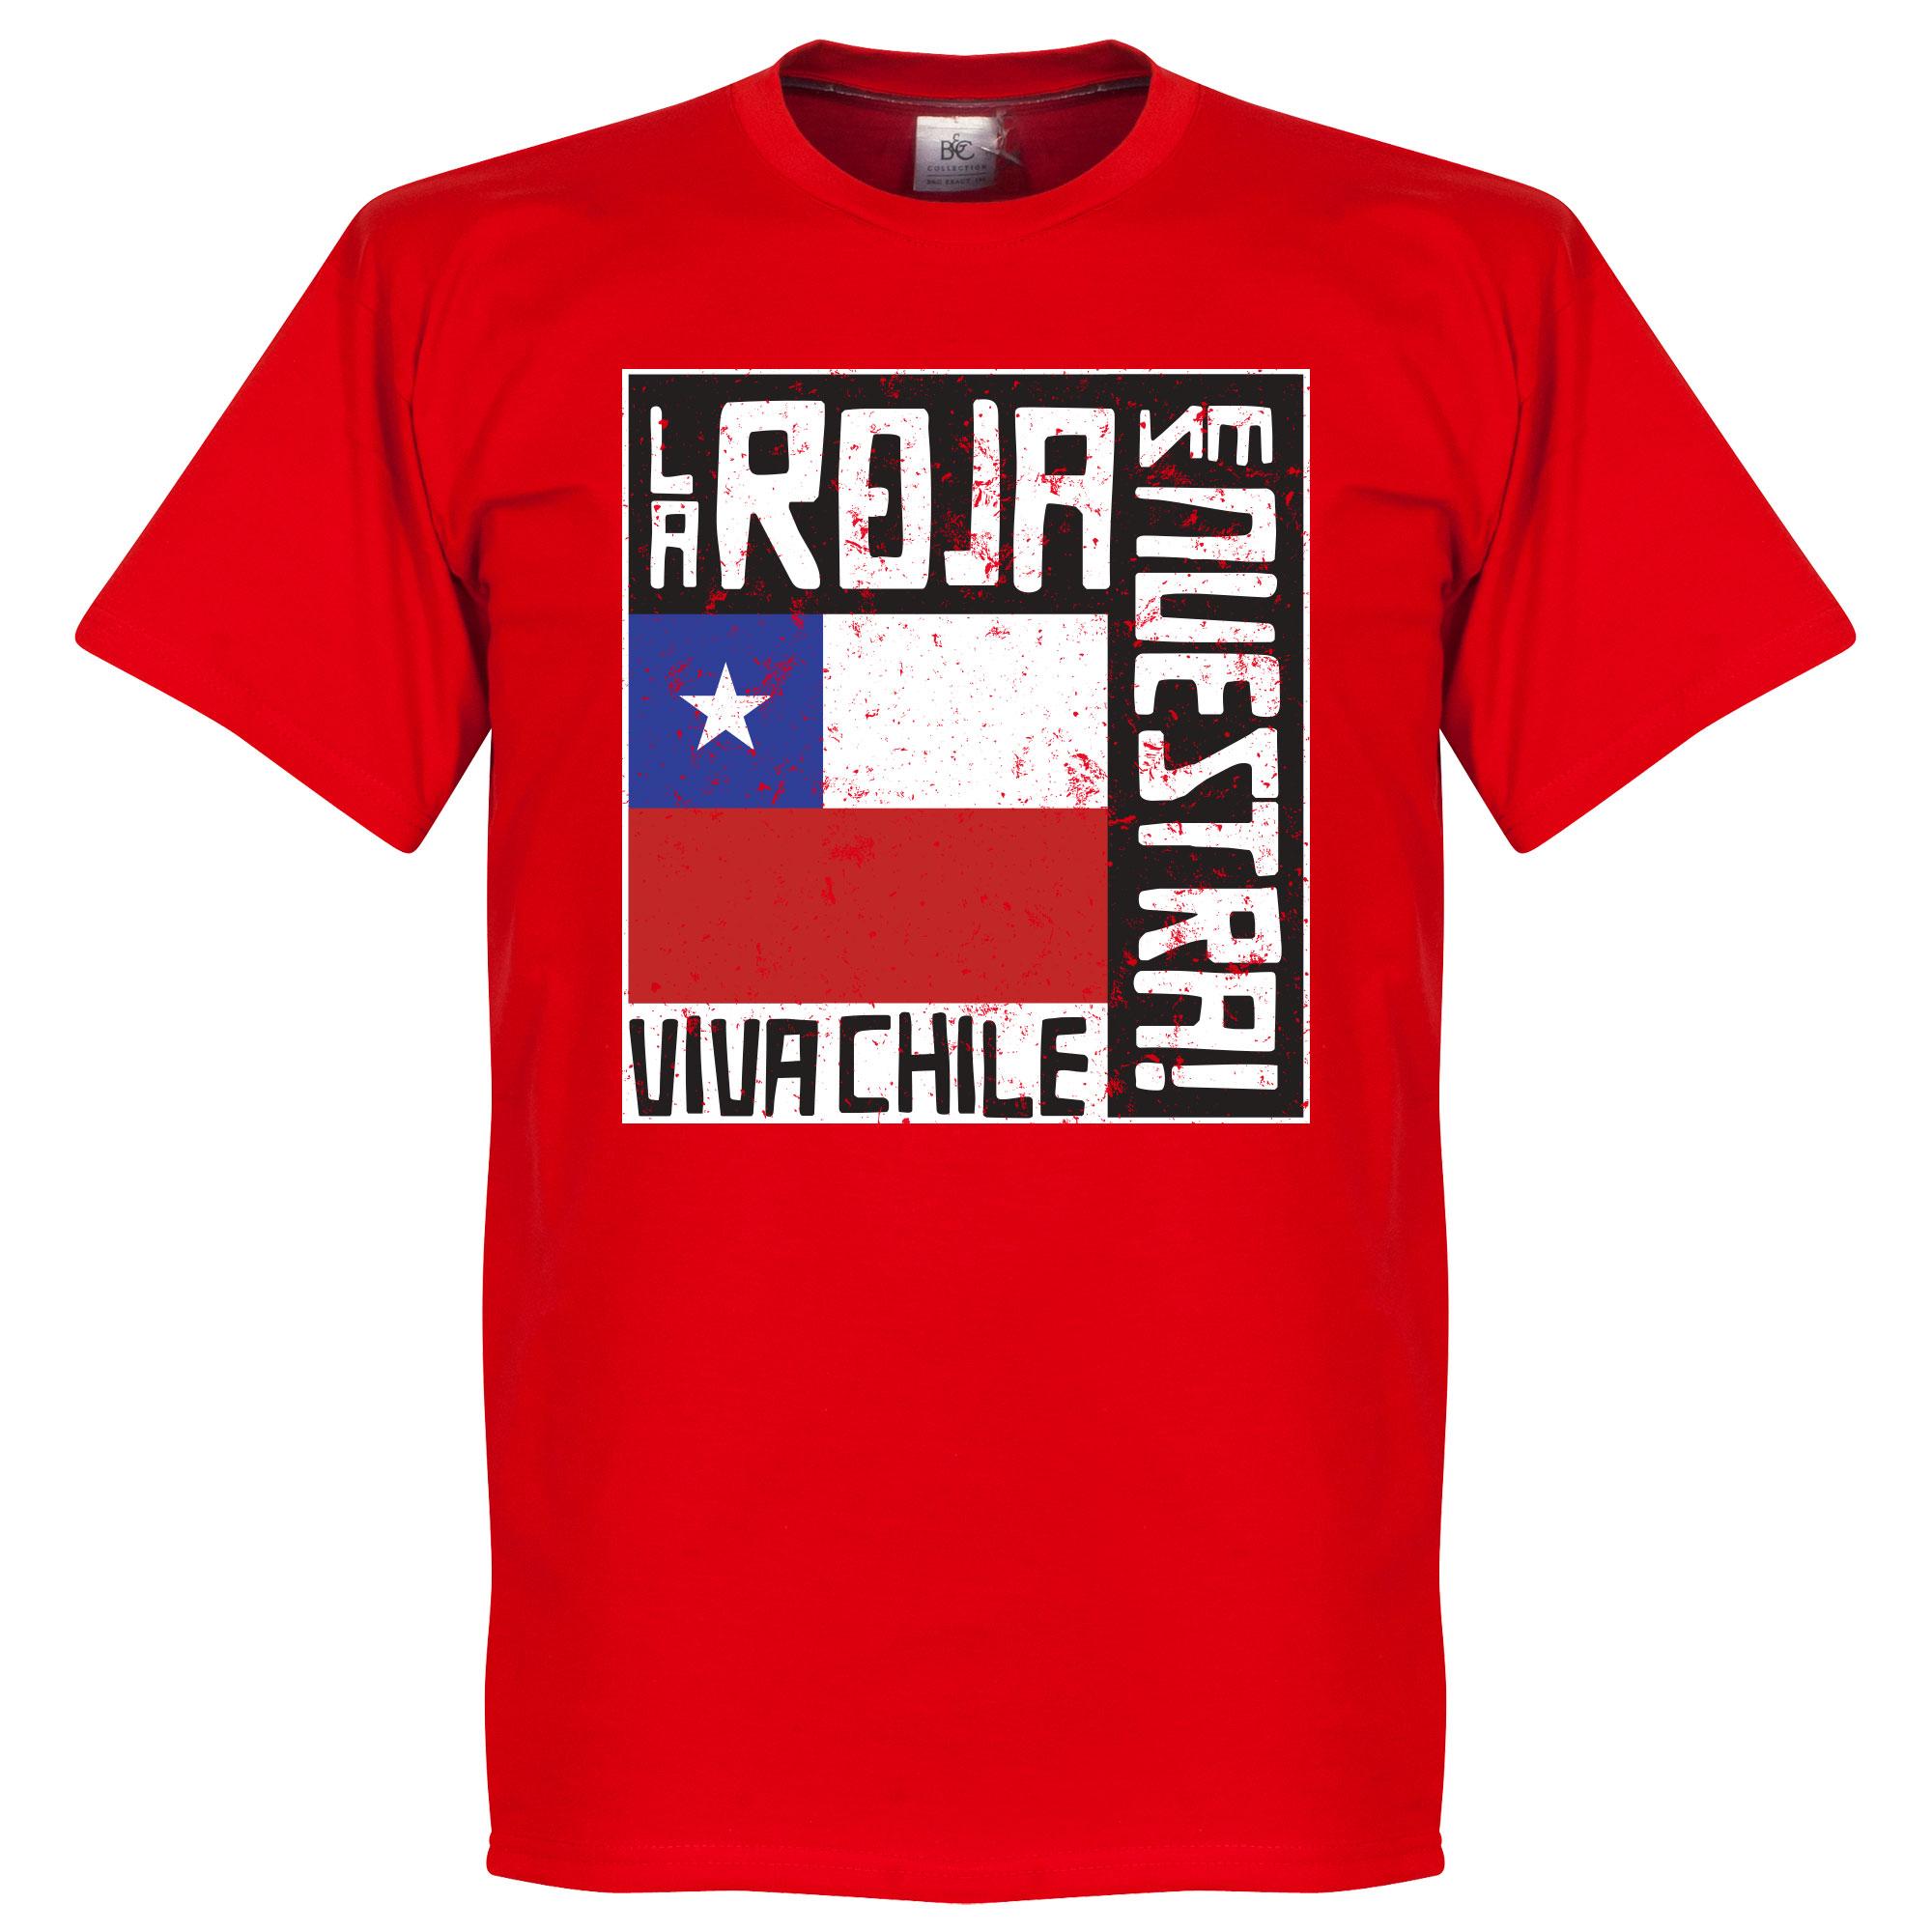 Chile La Roja Es Nuestra Tee - Red - XXXL